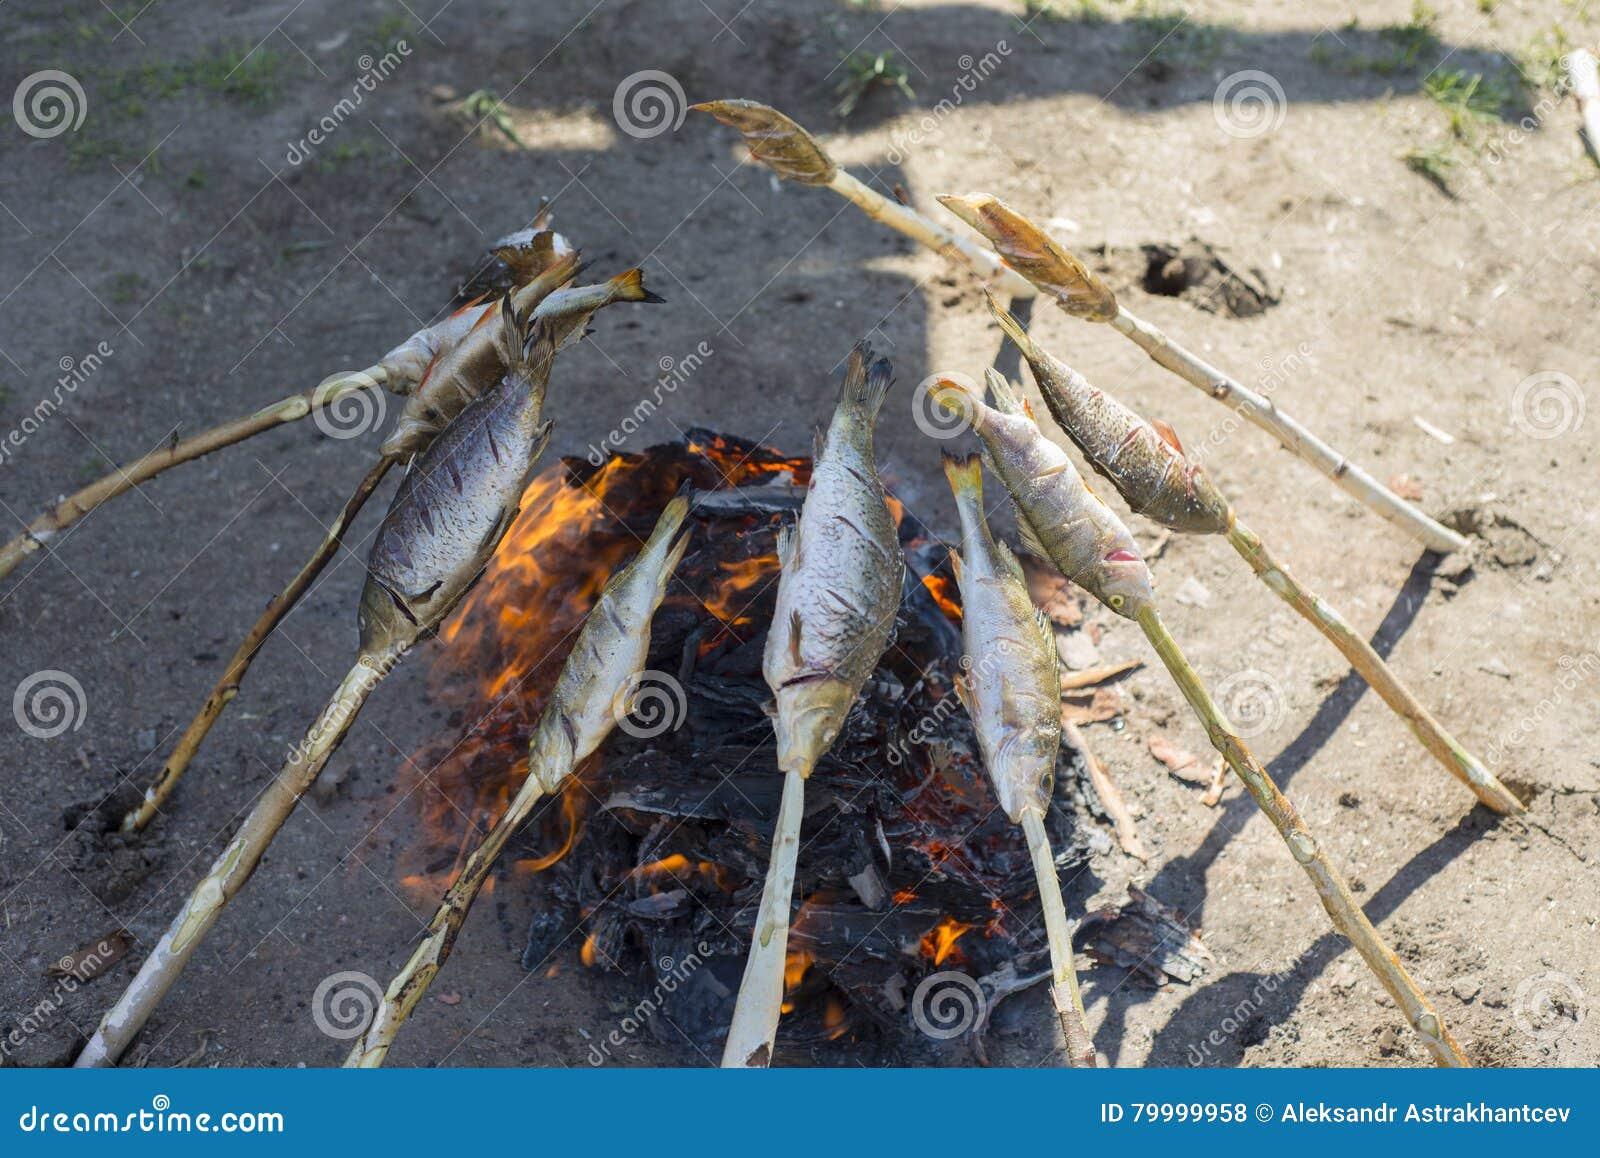 Baikal omul grillas på kolen